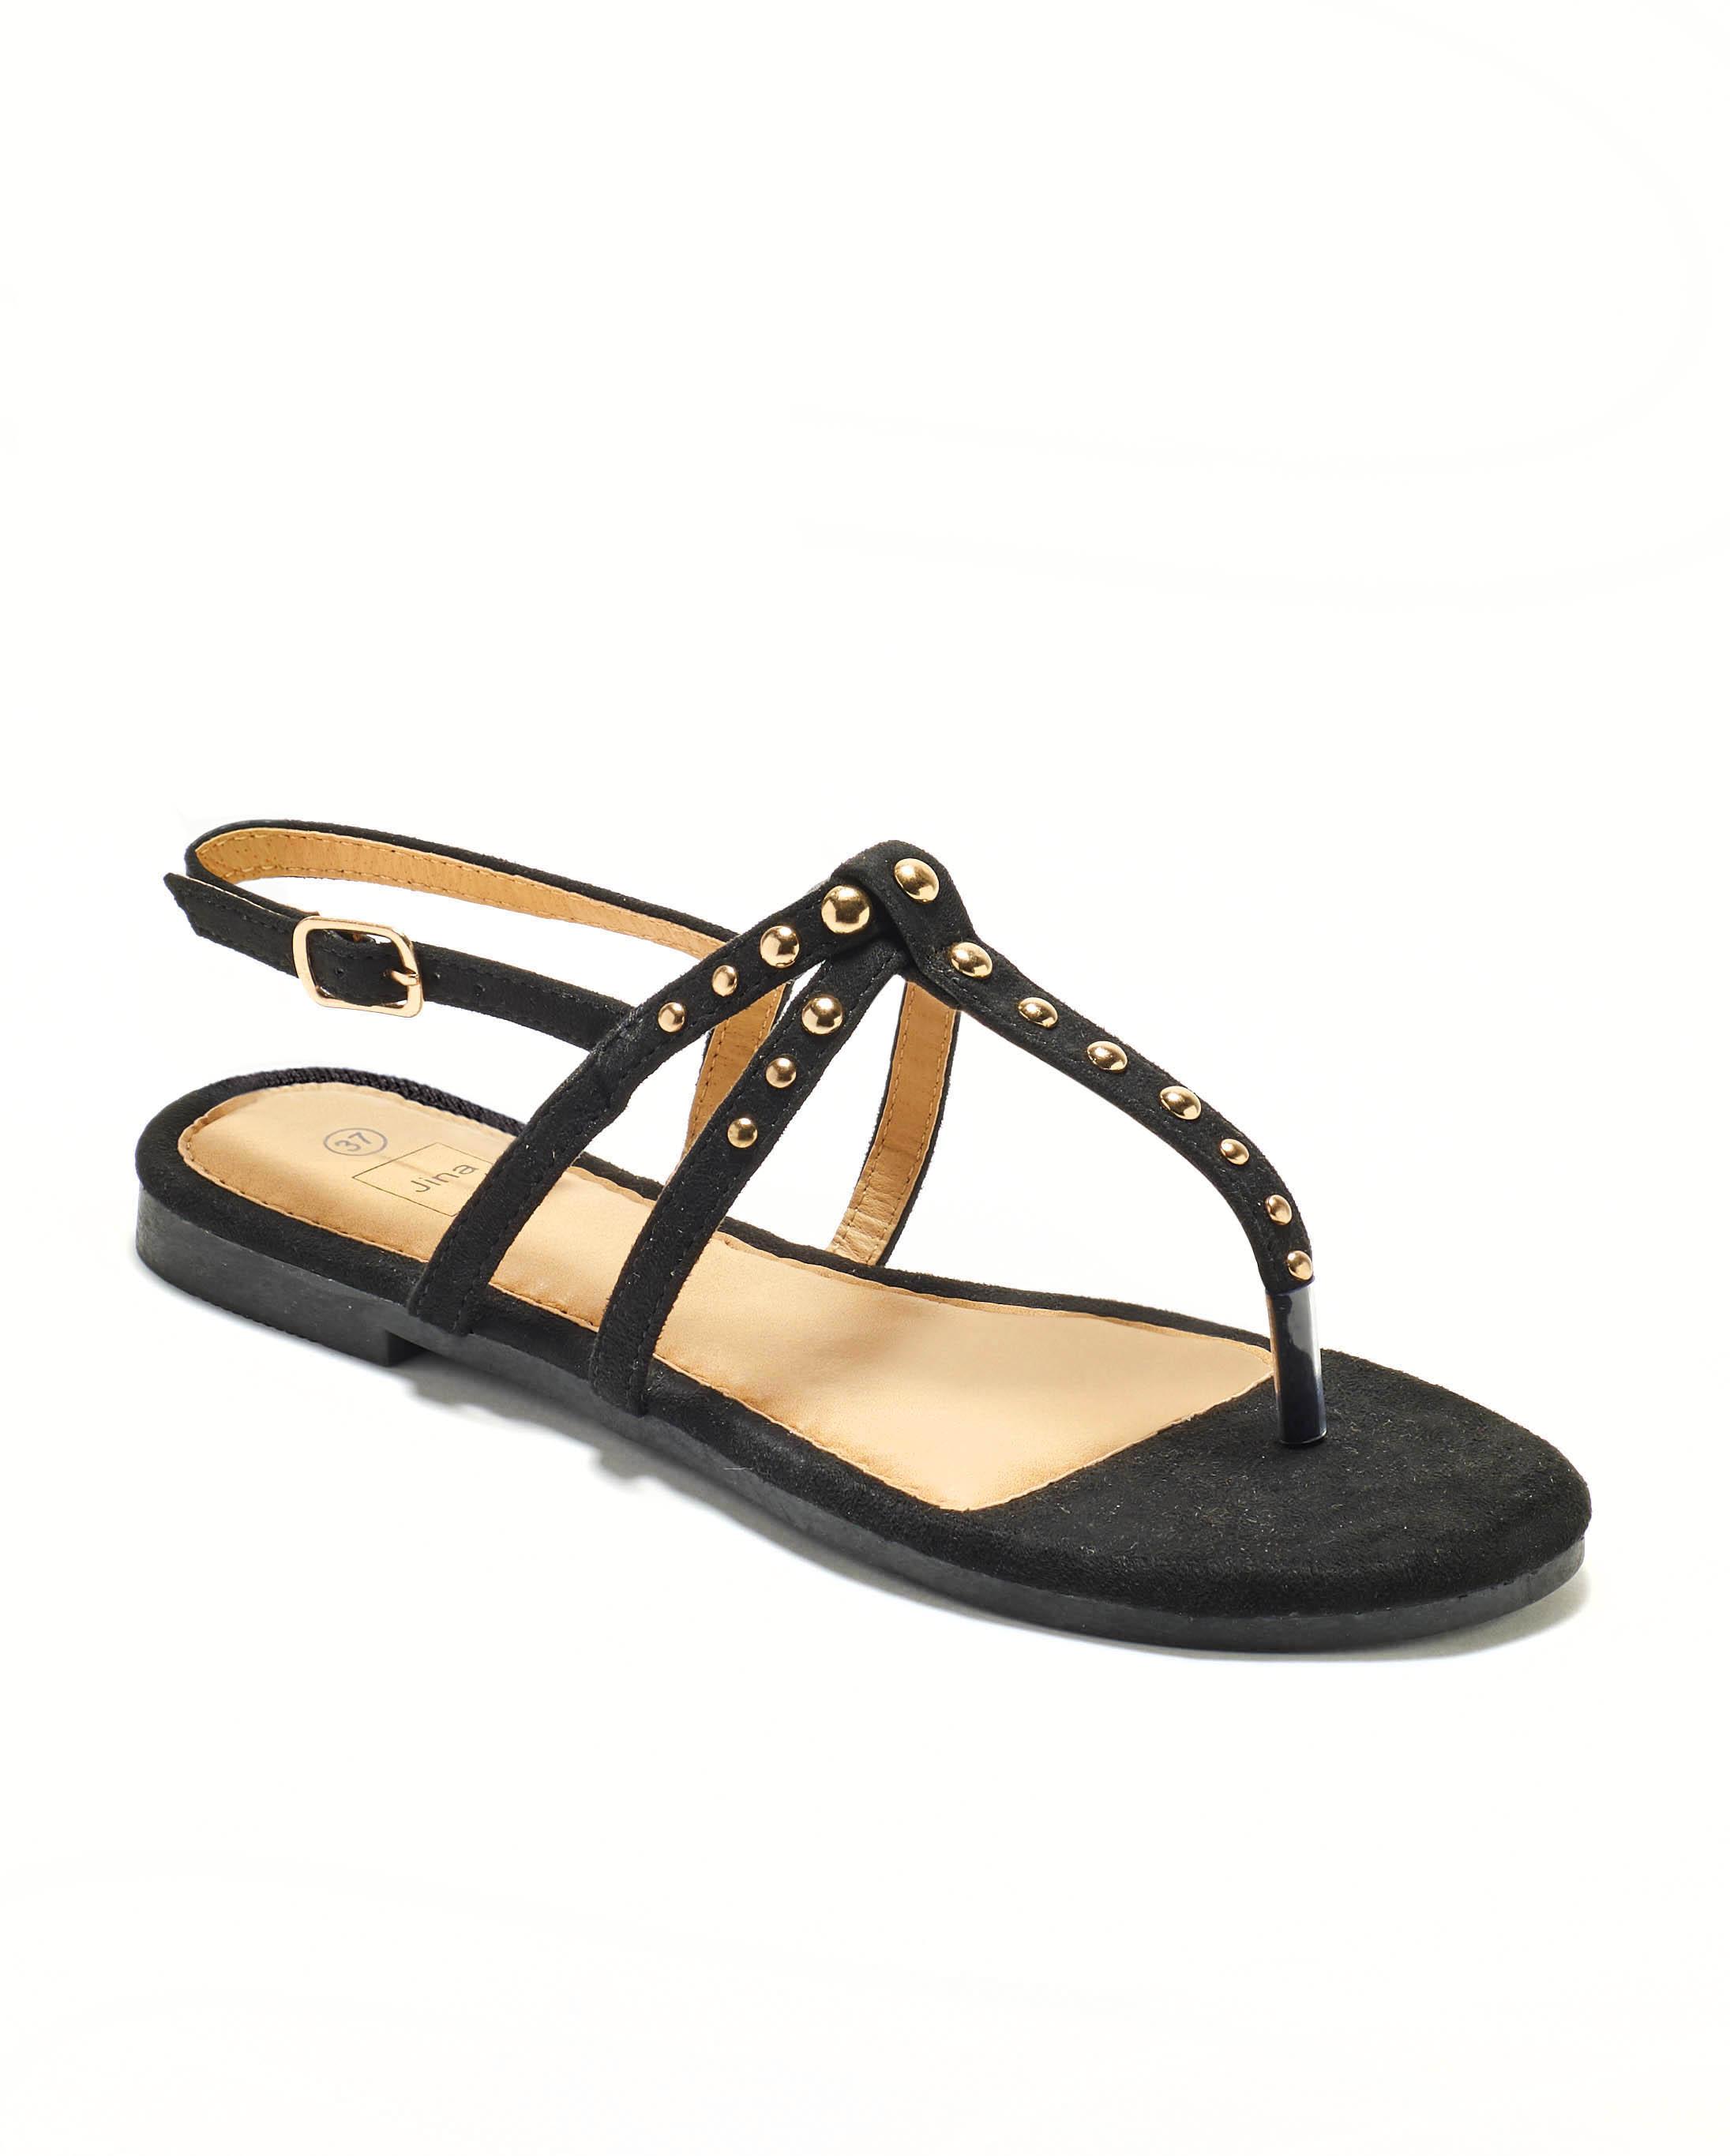 Sandales Plates Femme - Sandale Plate Noir Jina - Style 5 Zh P04